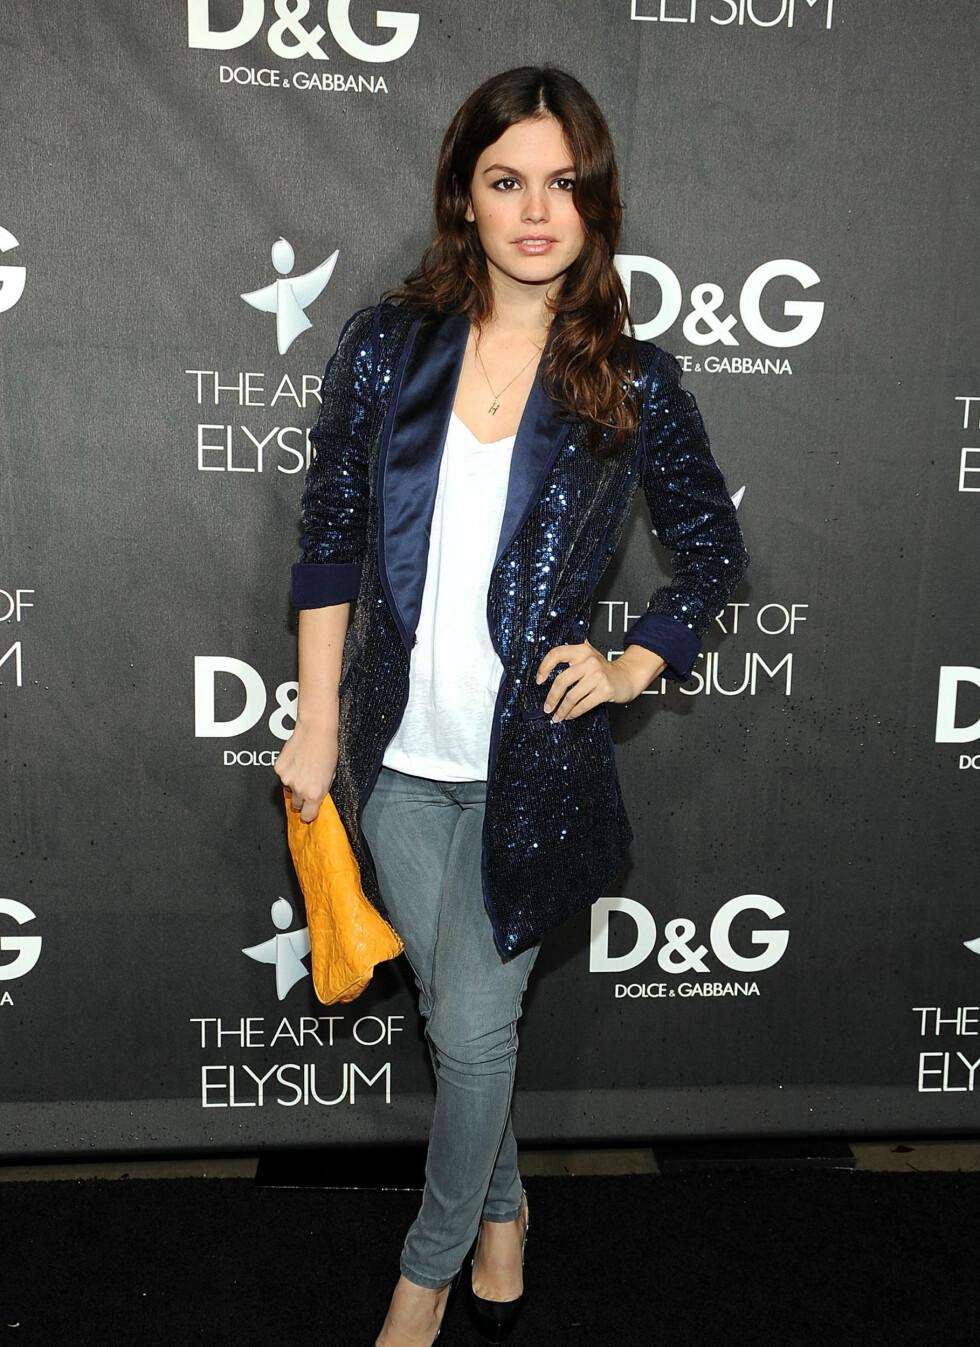 SMASHING STIL: Skuespiller og stilikon Rachel Bilson ser helt rå ut i sine smale jeans, glitrende superhippe jakke og gule konvoluttveske - for ikke å glemme den hvite avslappede trøya.  Foto: All Over Press